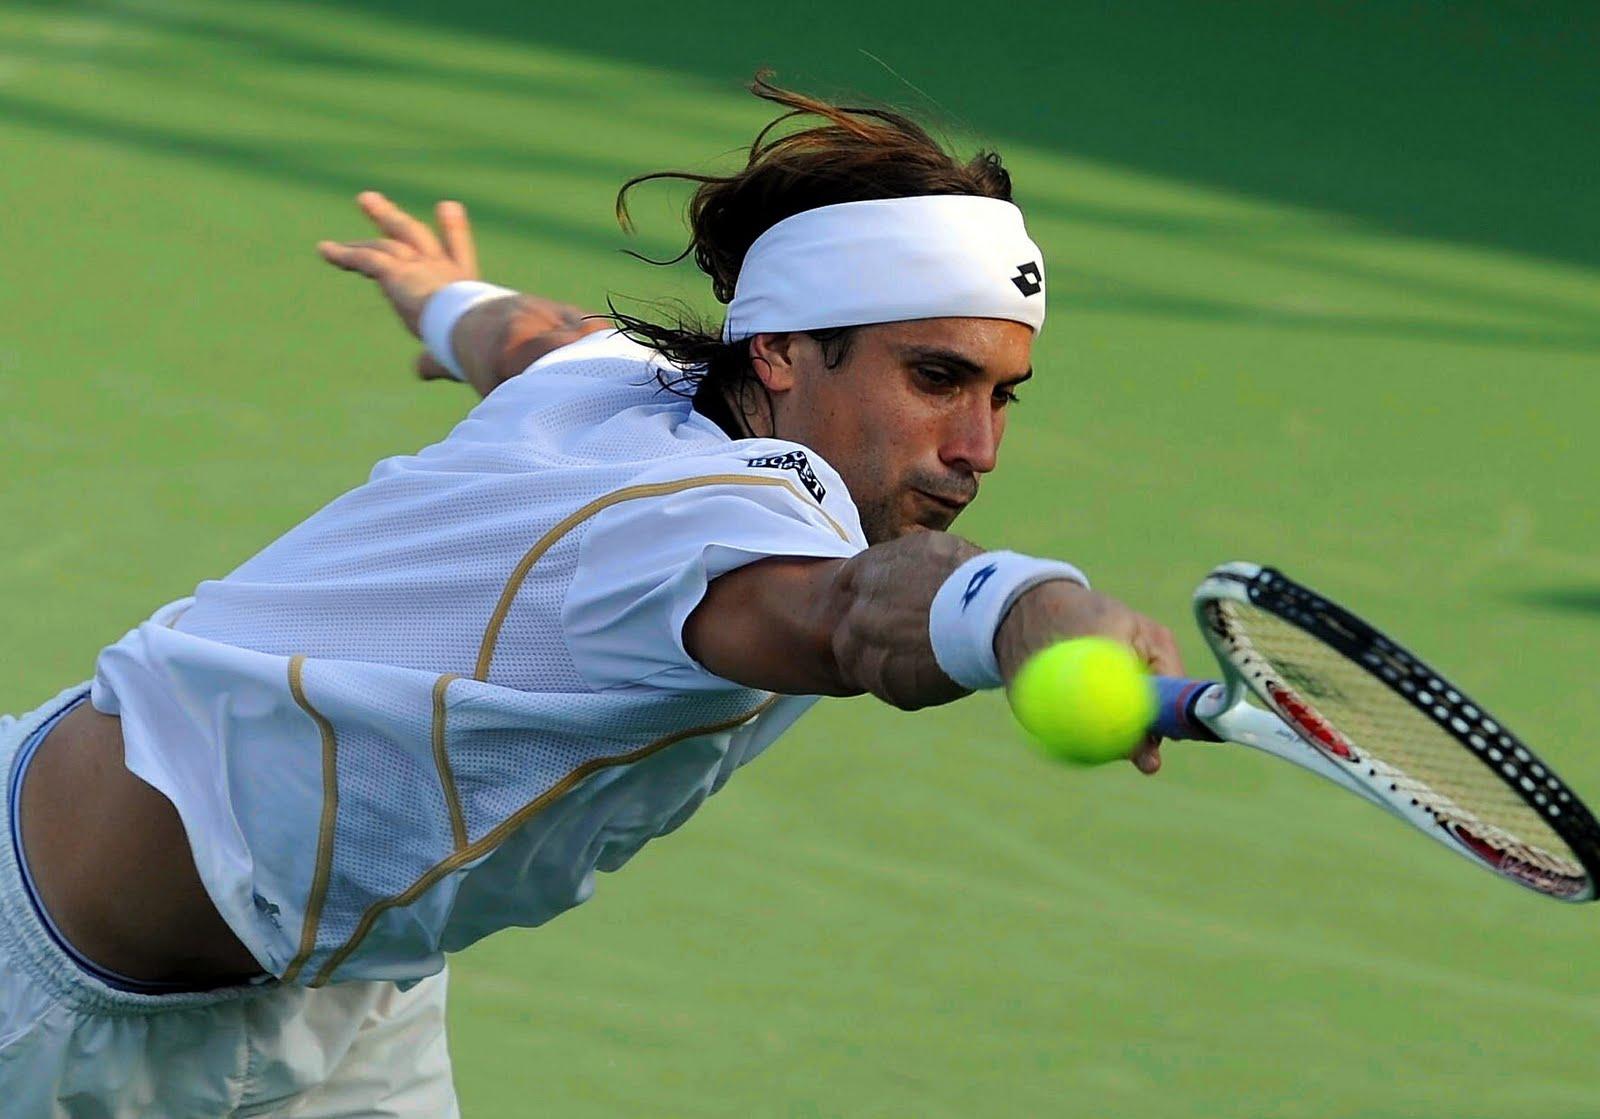 El Tenis Rutinas deportivas